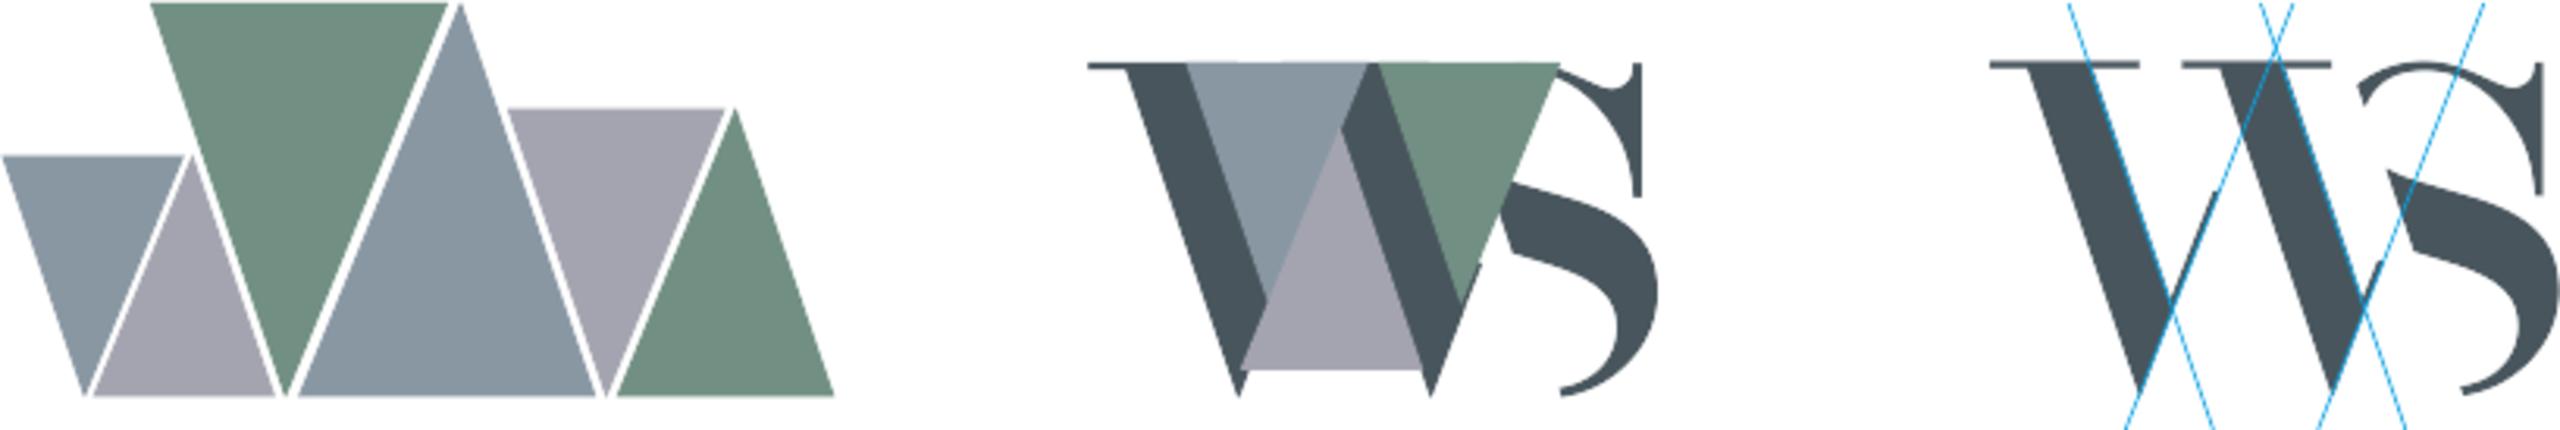 Upart Referenze für Wertsecure - Logo Entwicklung